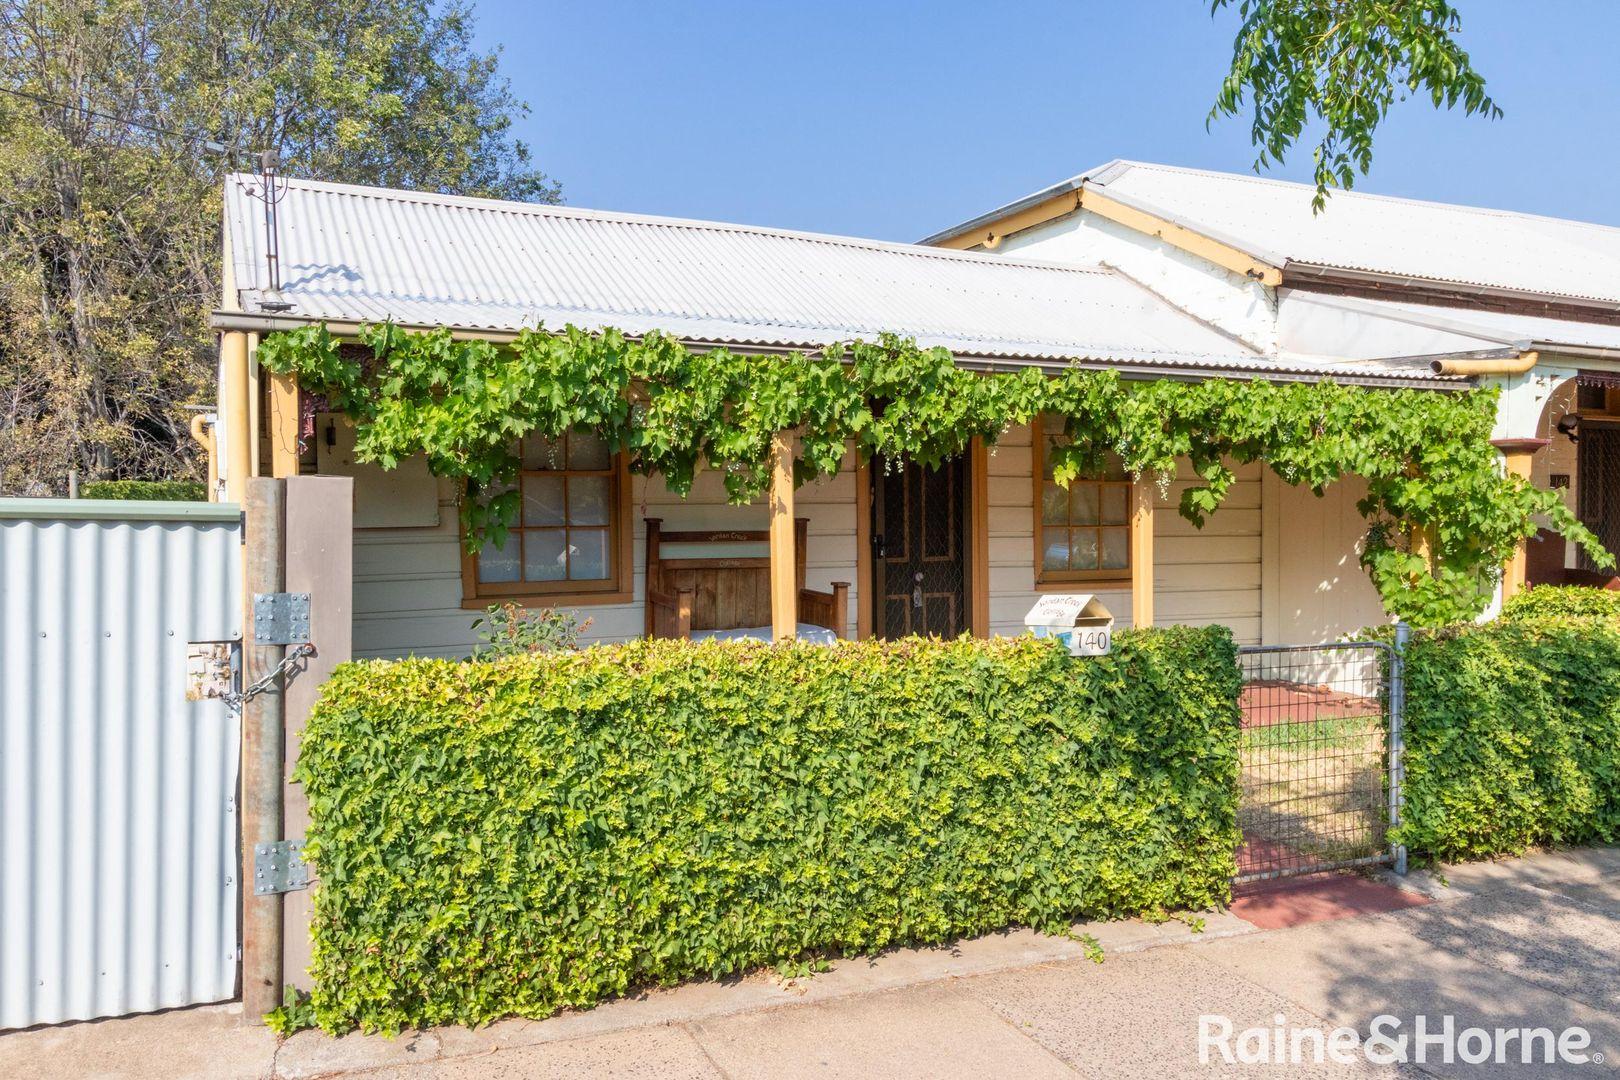 140, 142, 144 Keppel Street, Bathurst NSW 2795, Image 0